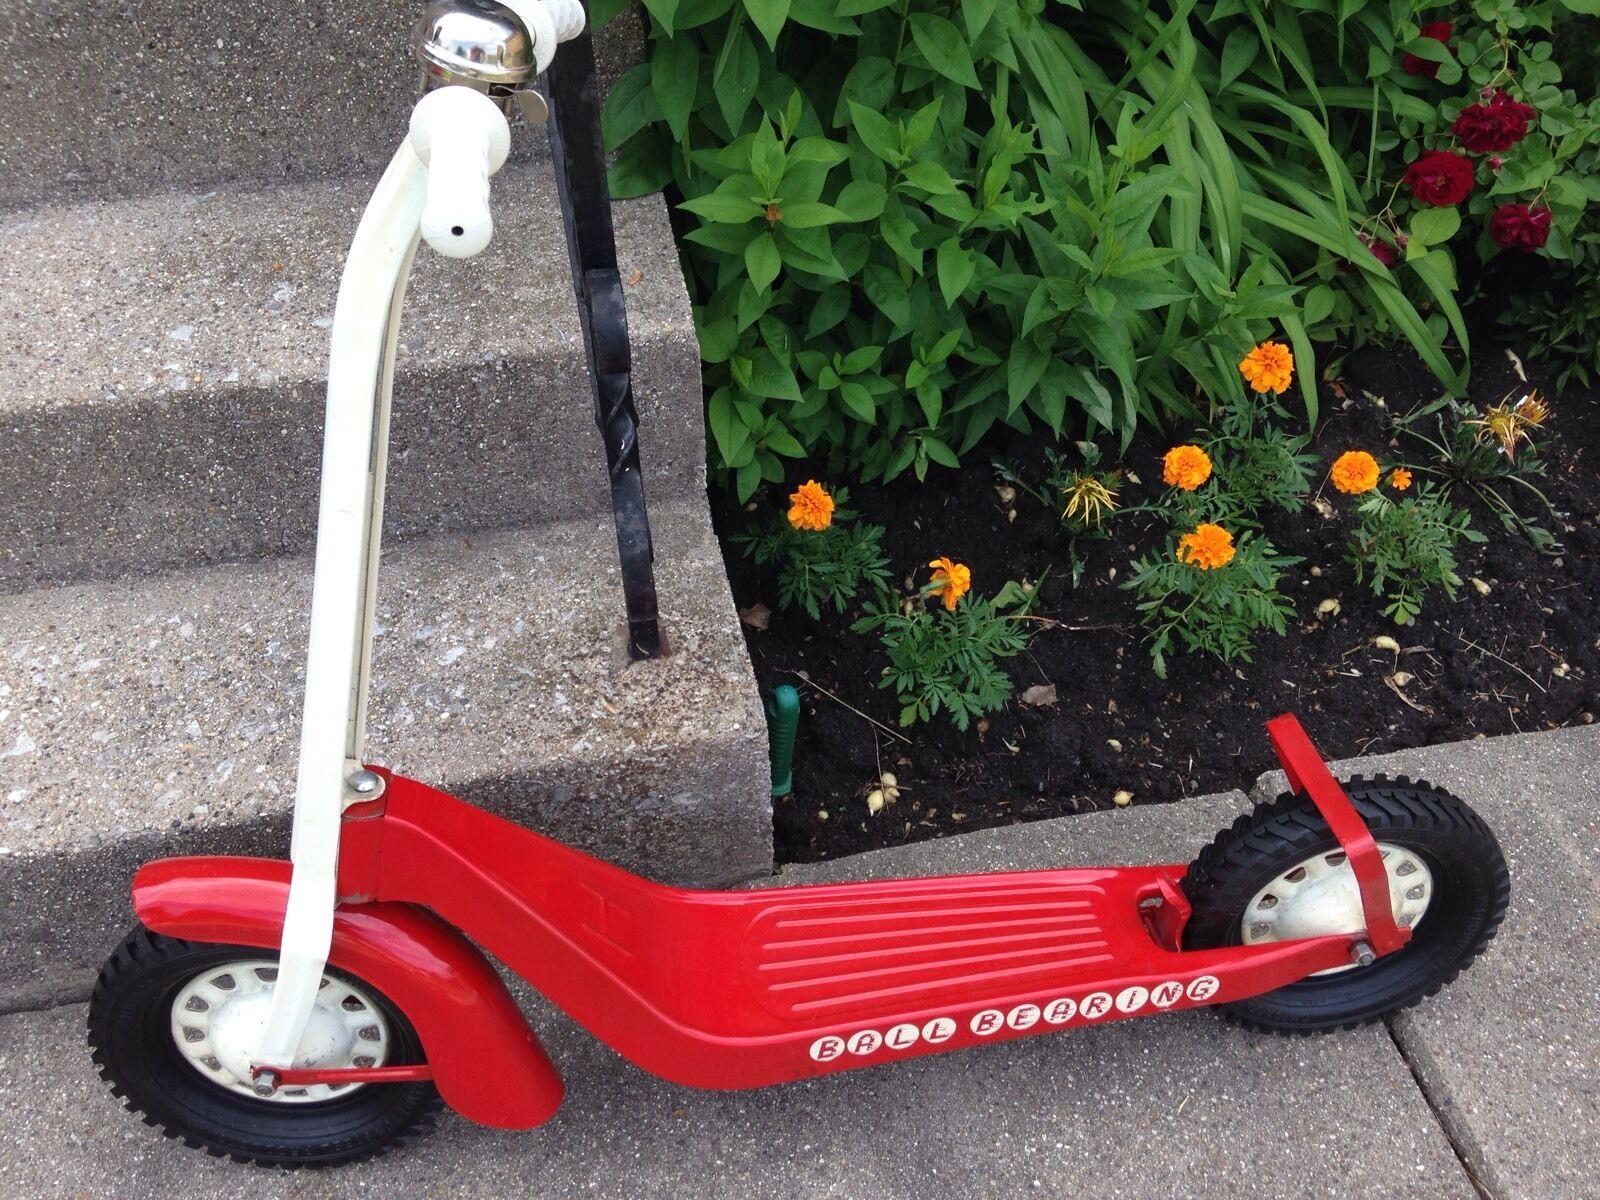 Nuevo todos los productos de acero Original-Vintage Hamilton Juguete Scooter-Pintura Original